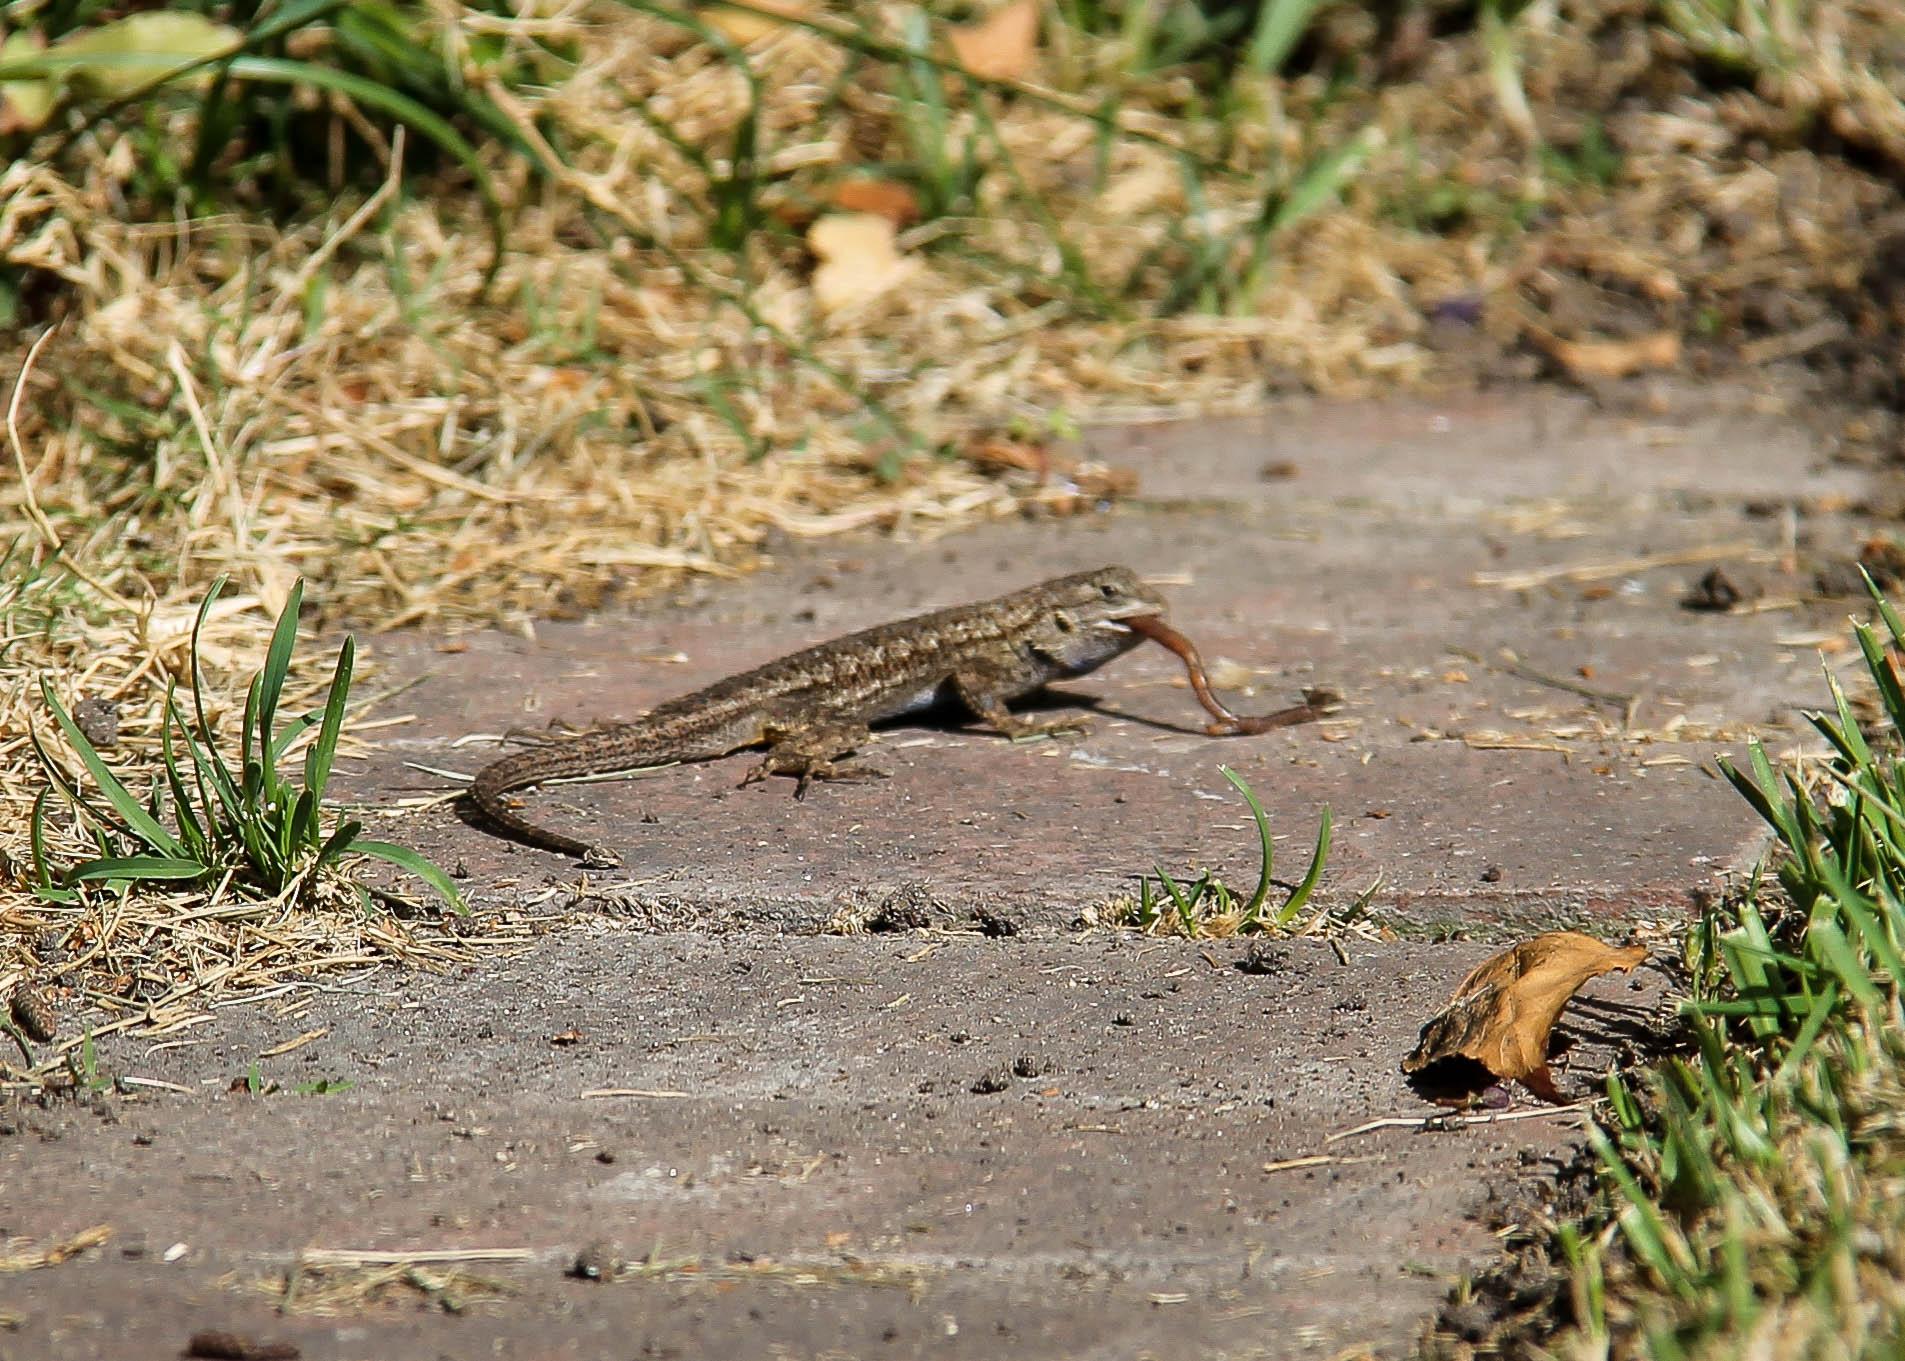 Lizard-9347